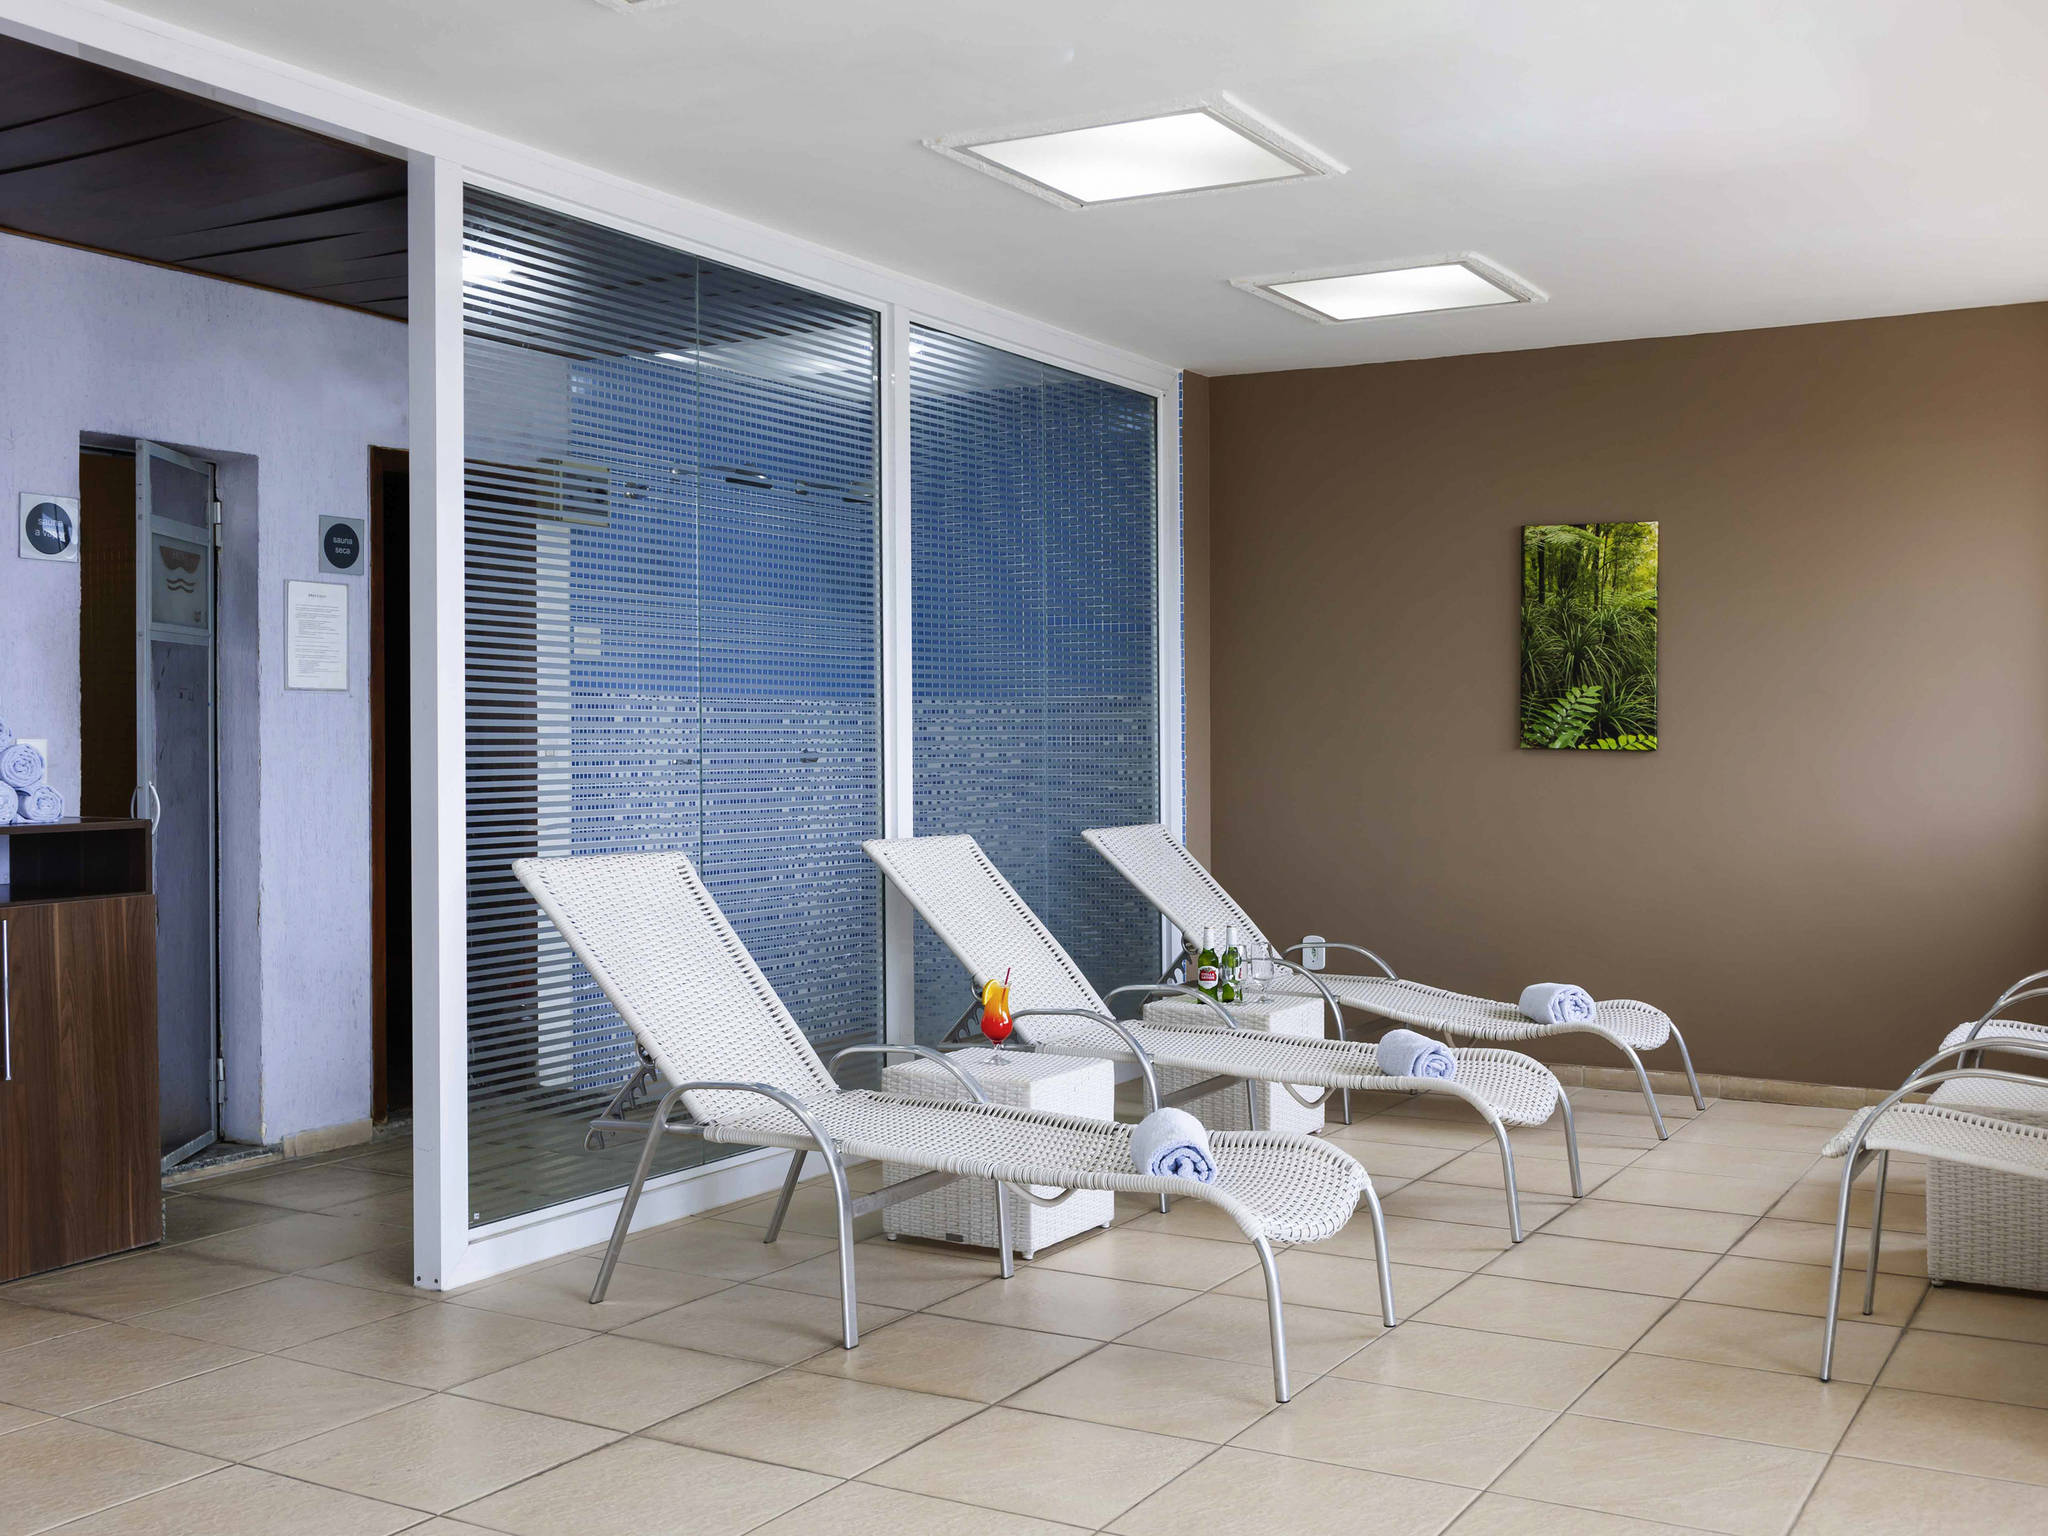 ... Serviços - Mercure Rio de Janeiro Nova Iguacu Hotel ... 255b8e8a80